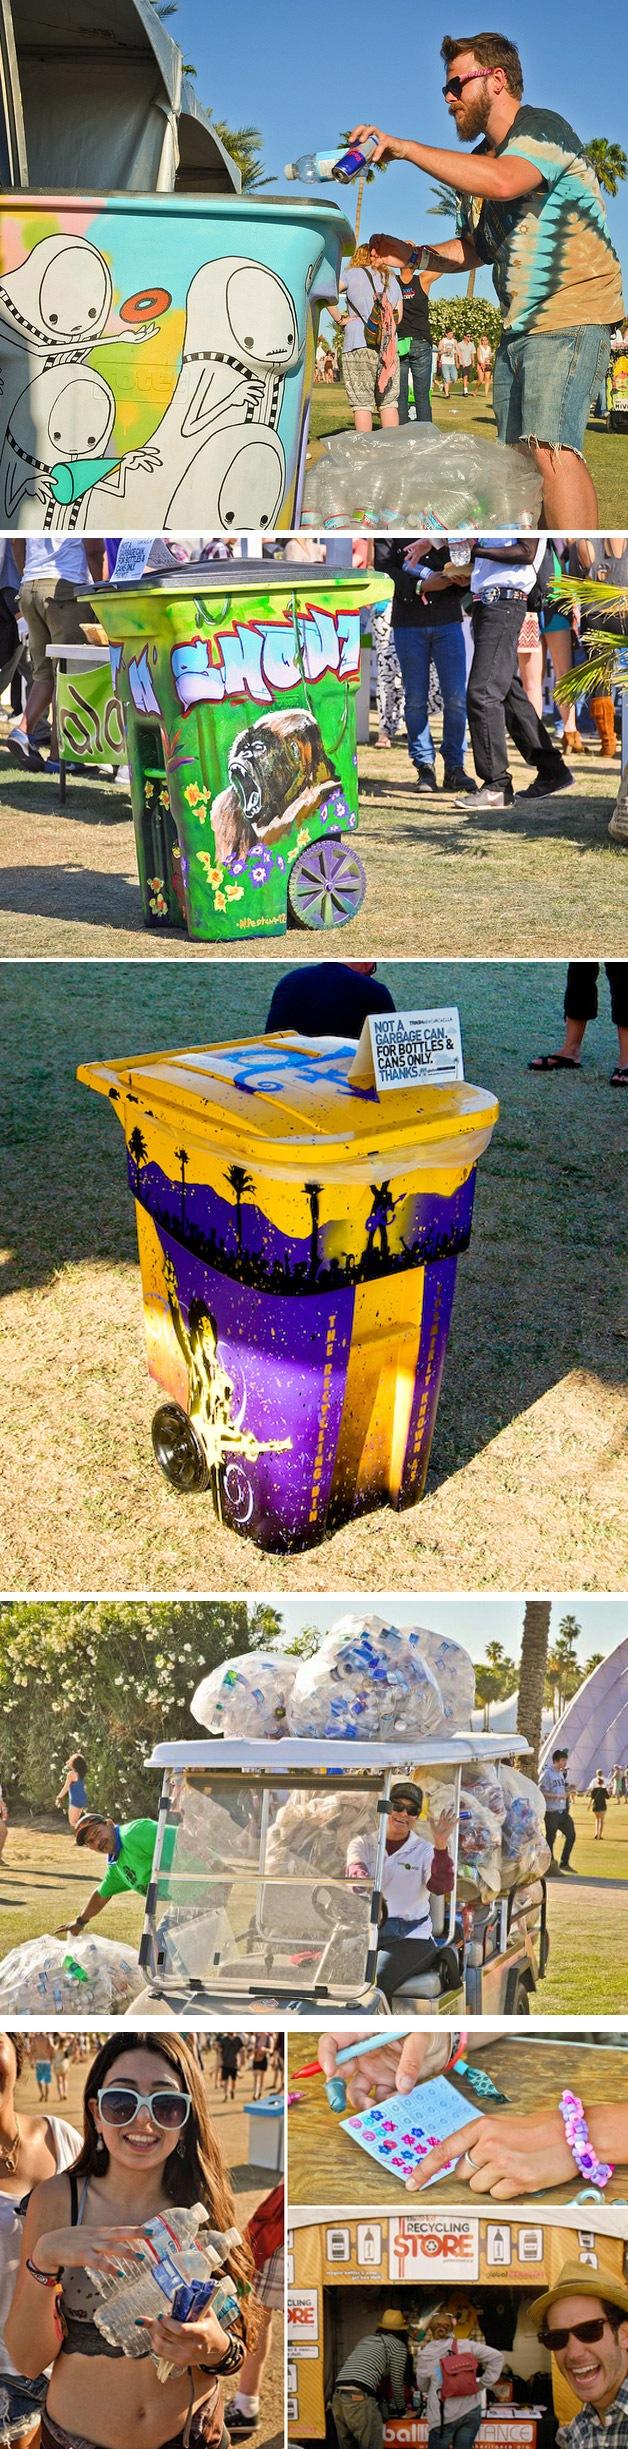 Lixeiras Artisticas do Festival de Coachella (2)